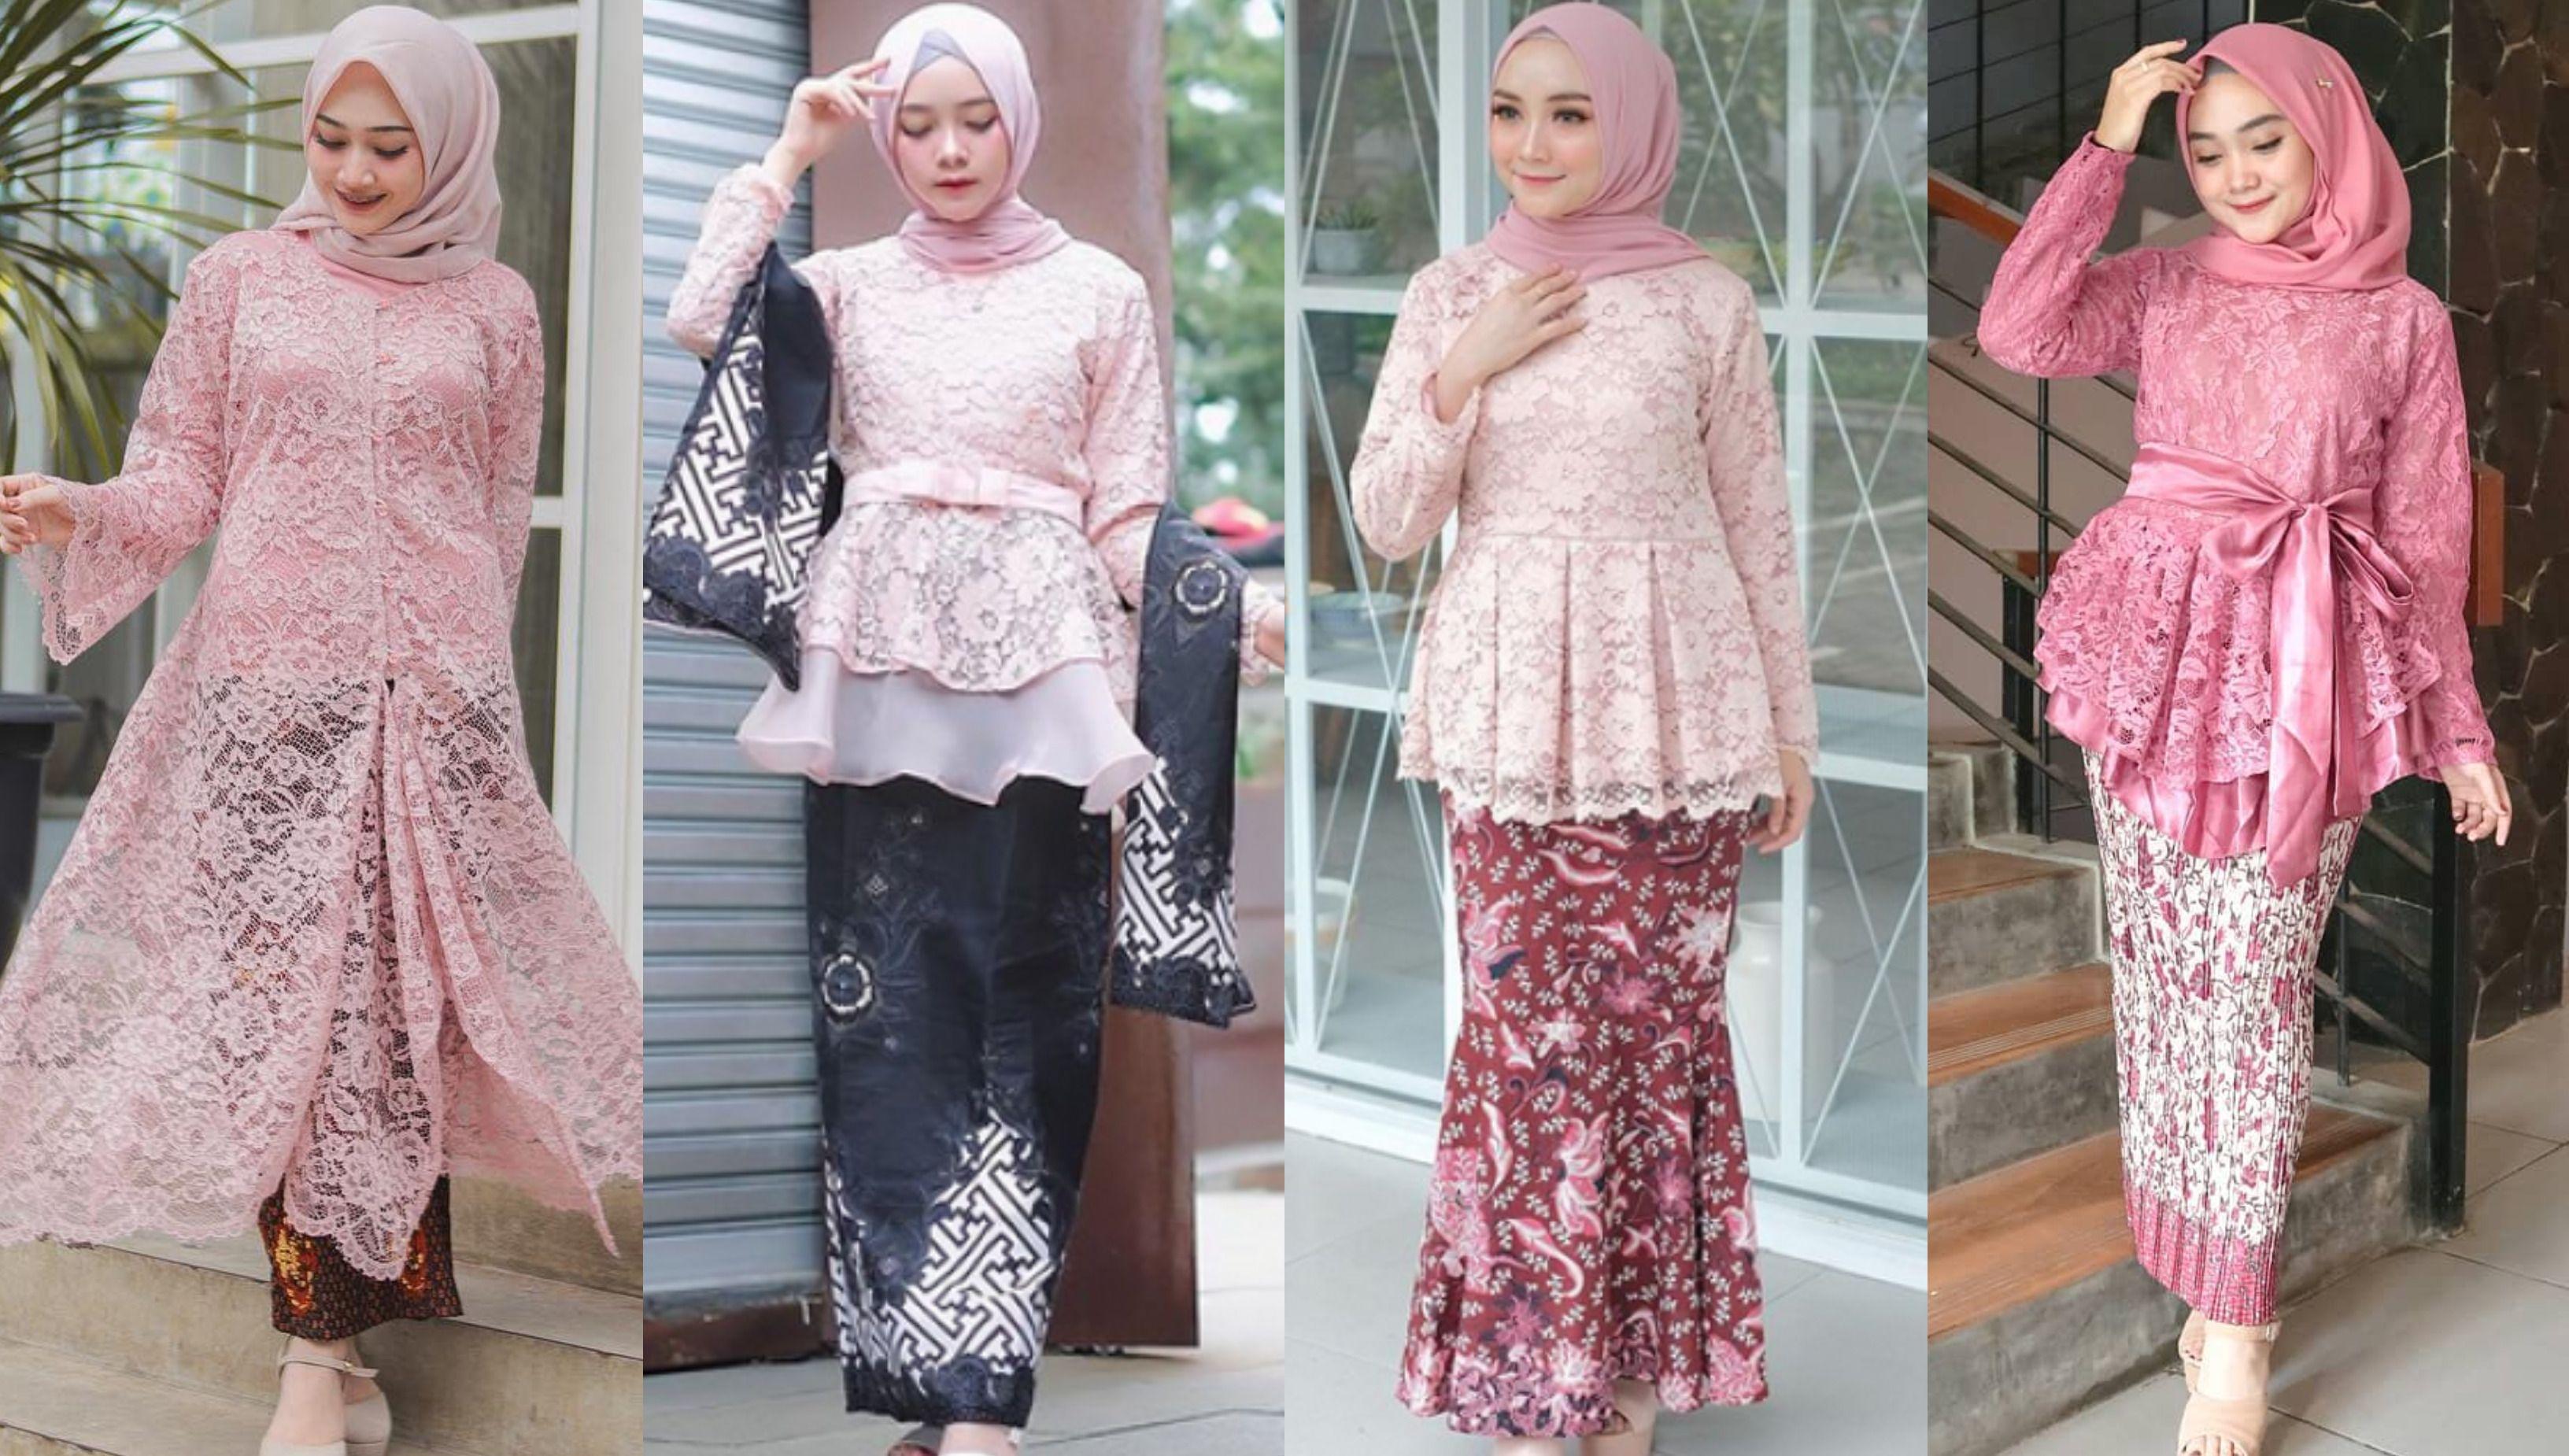 4 Paduan Kebaya Brokat Hijab Warna Pink dan Kain Batik untuk Gaya Kondangan  Manis Memikat! - Semua Halaman - CewekBanget